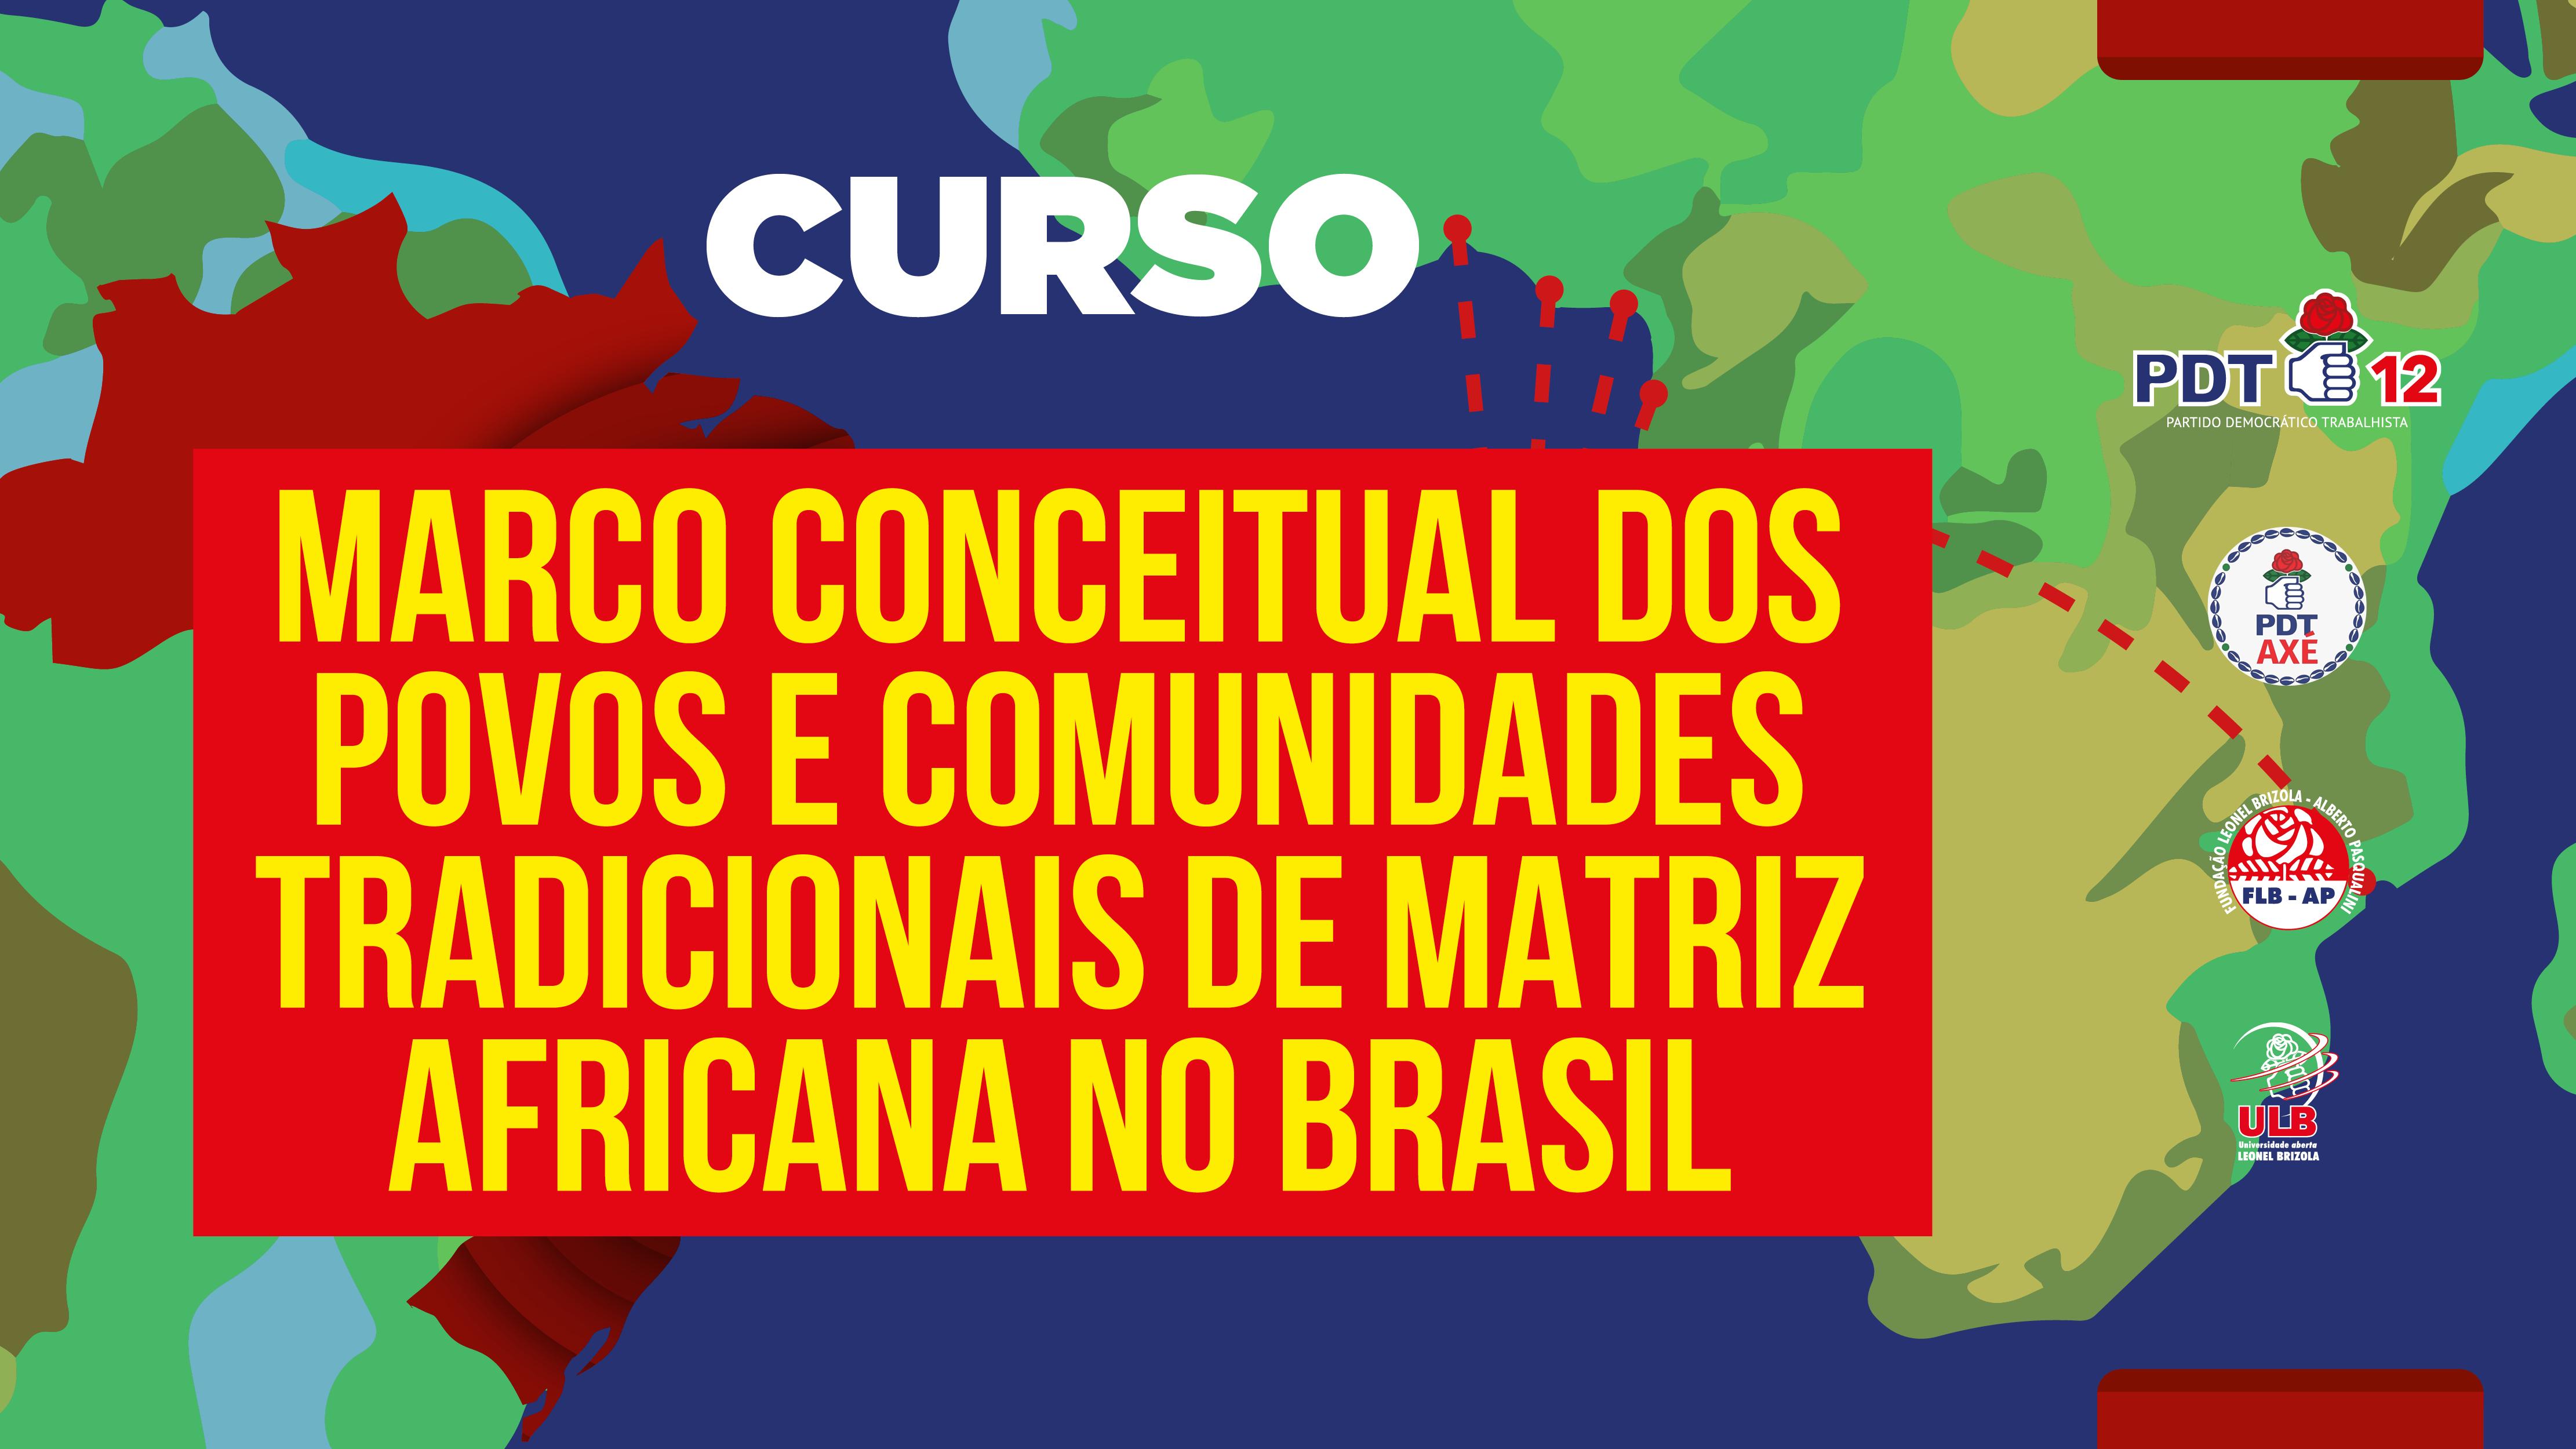 Course Image MARCO CONCEITUAL DOS POVOS E COMUNIDADES TRADICIONAIS DE MATRIZ AFRICANA NO BRASIL